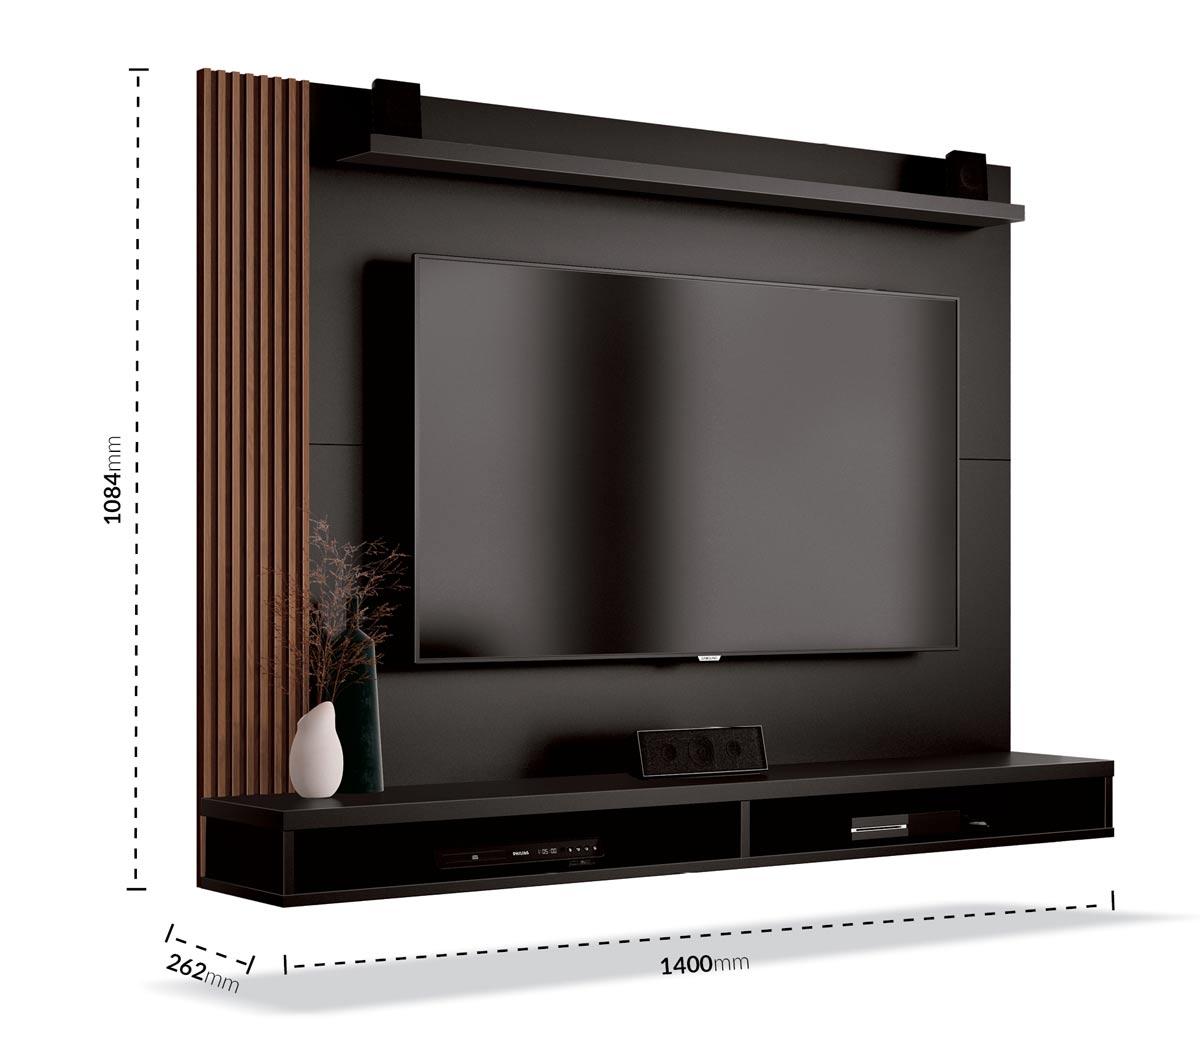 Painel para TV Dijon Preto com Naturale - EDN Móveis